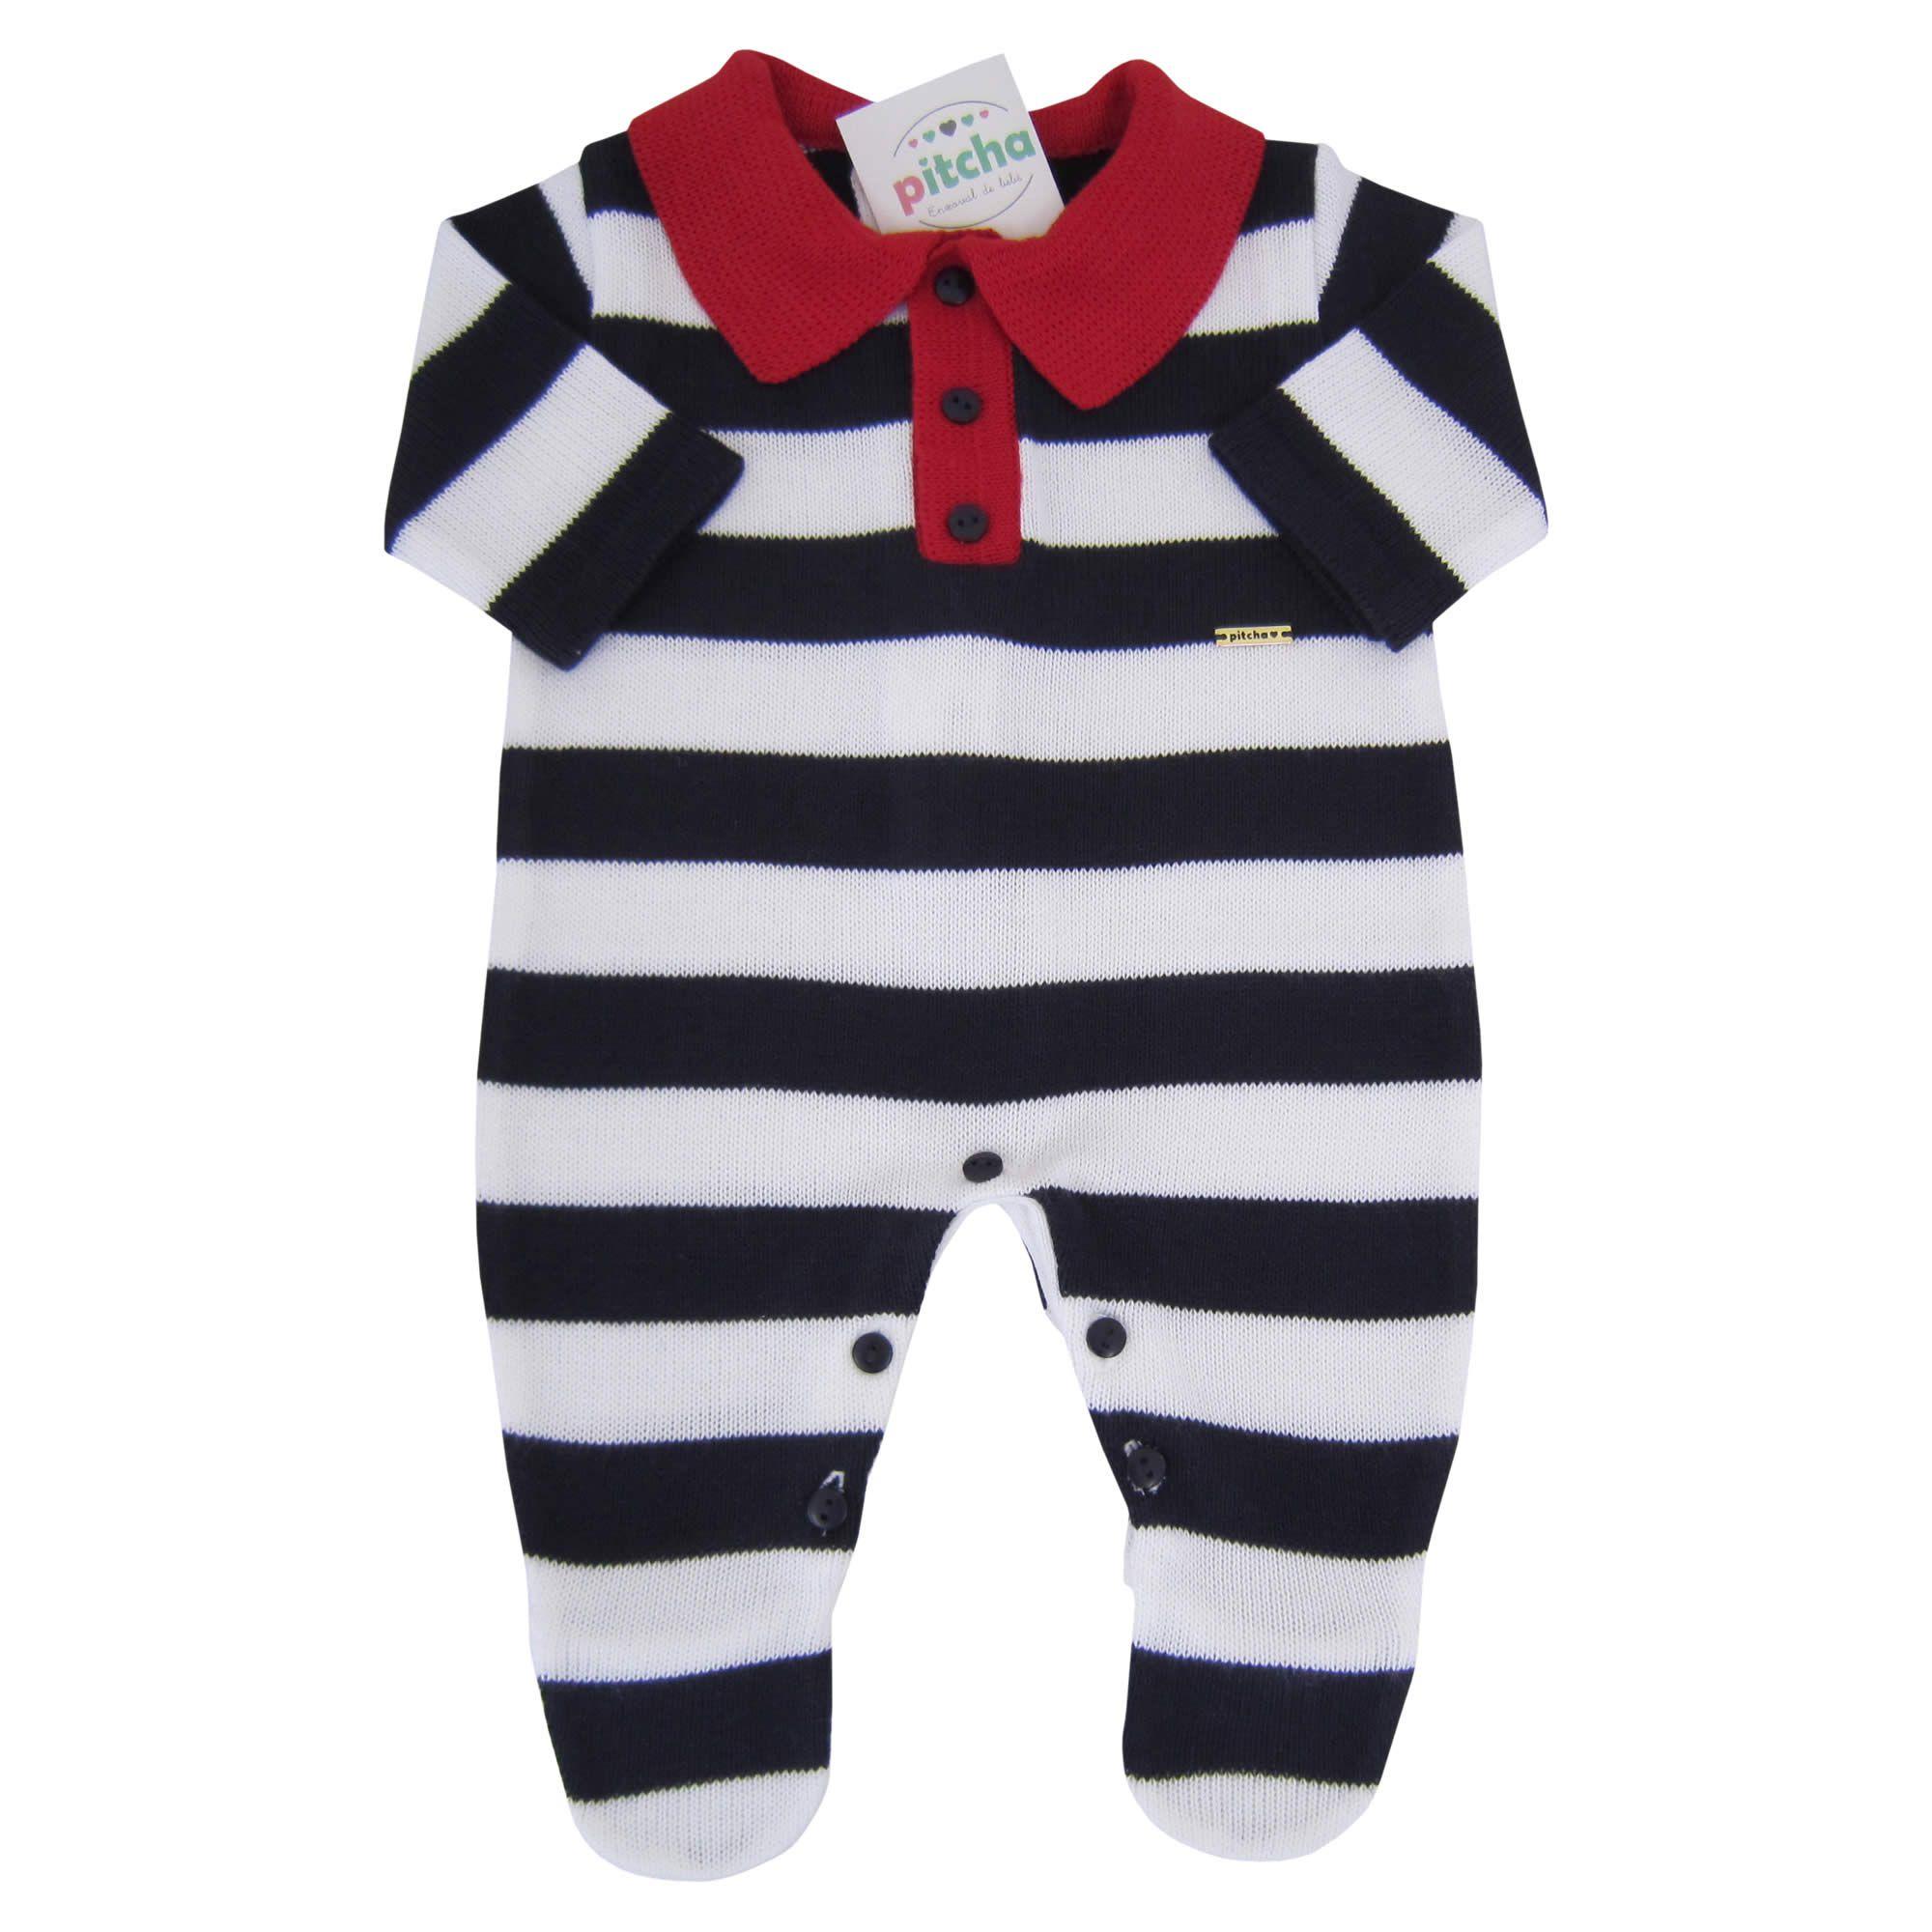 d8833cfd33b53 Macacão Listrado Para Bebê Menino com Gola Polo - Pitcha ...